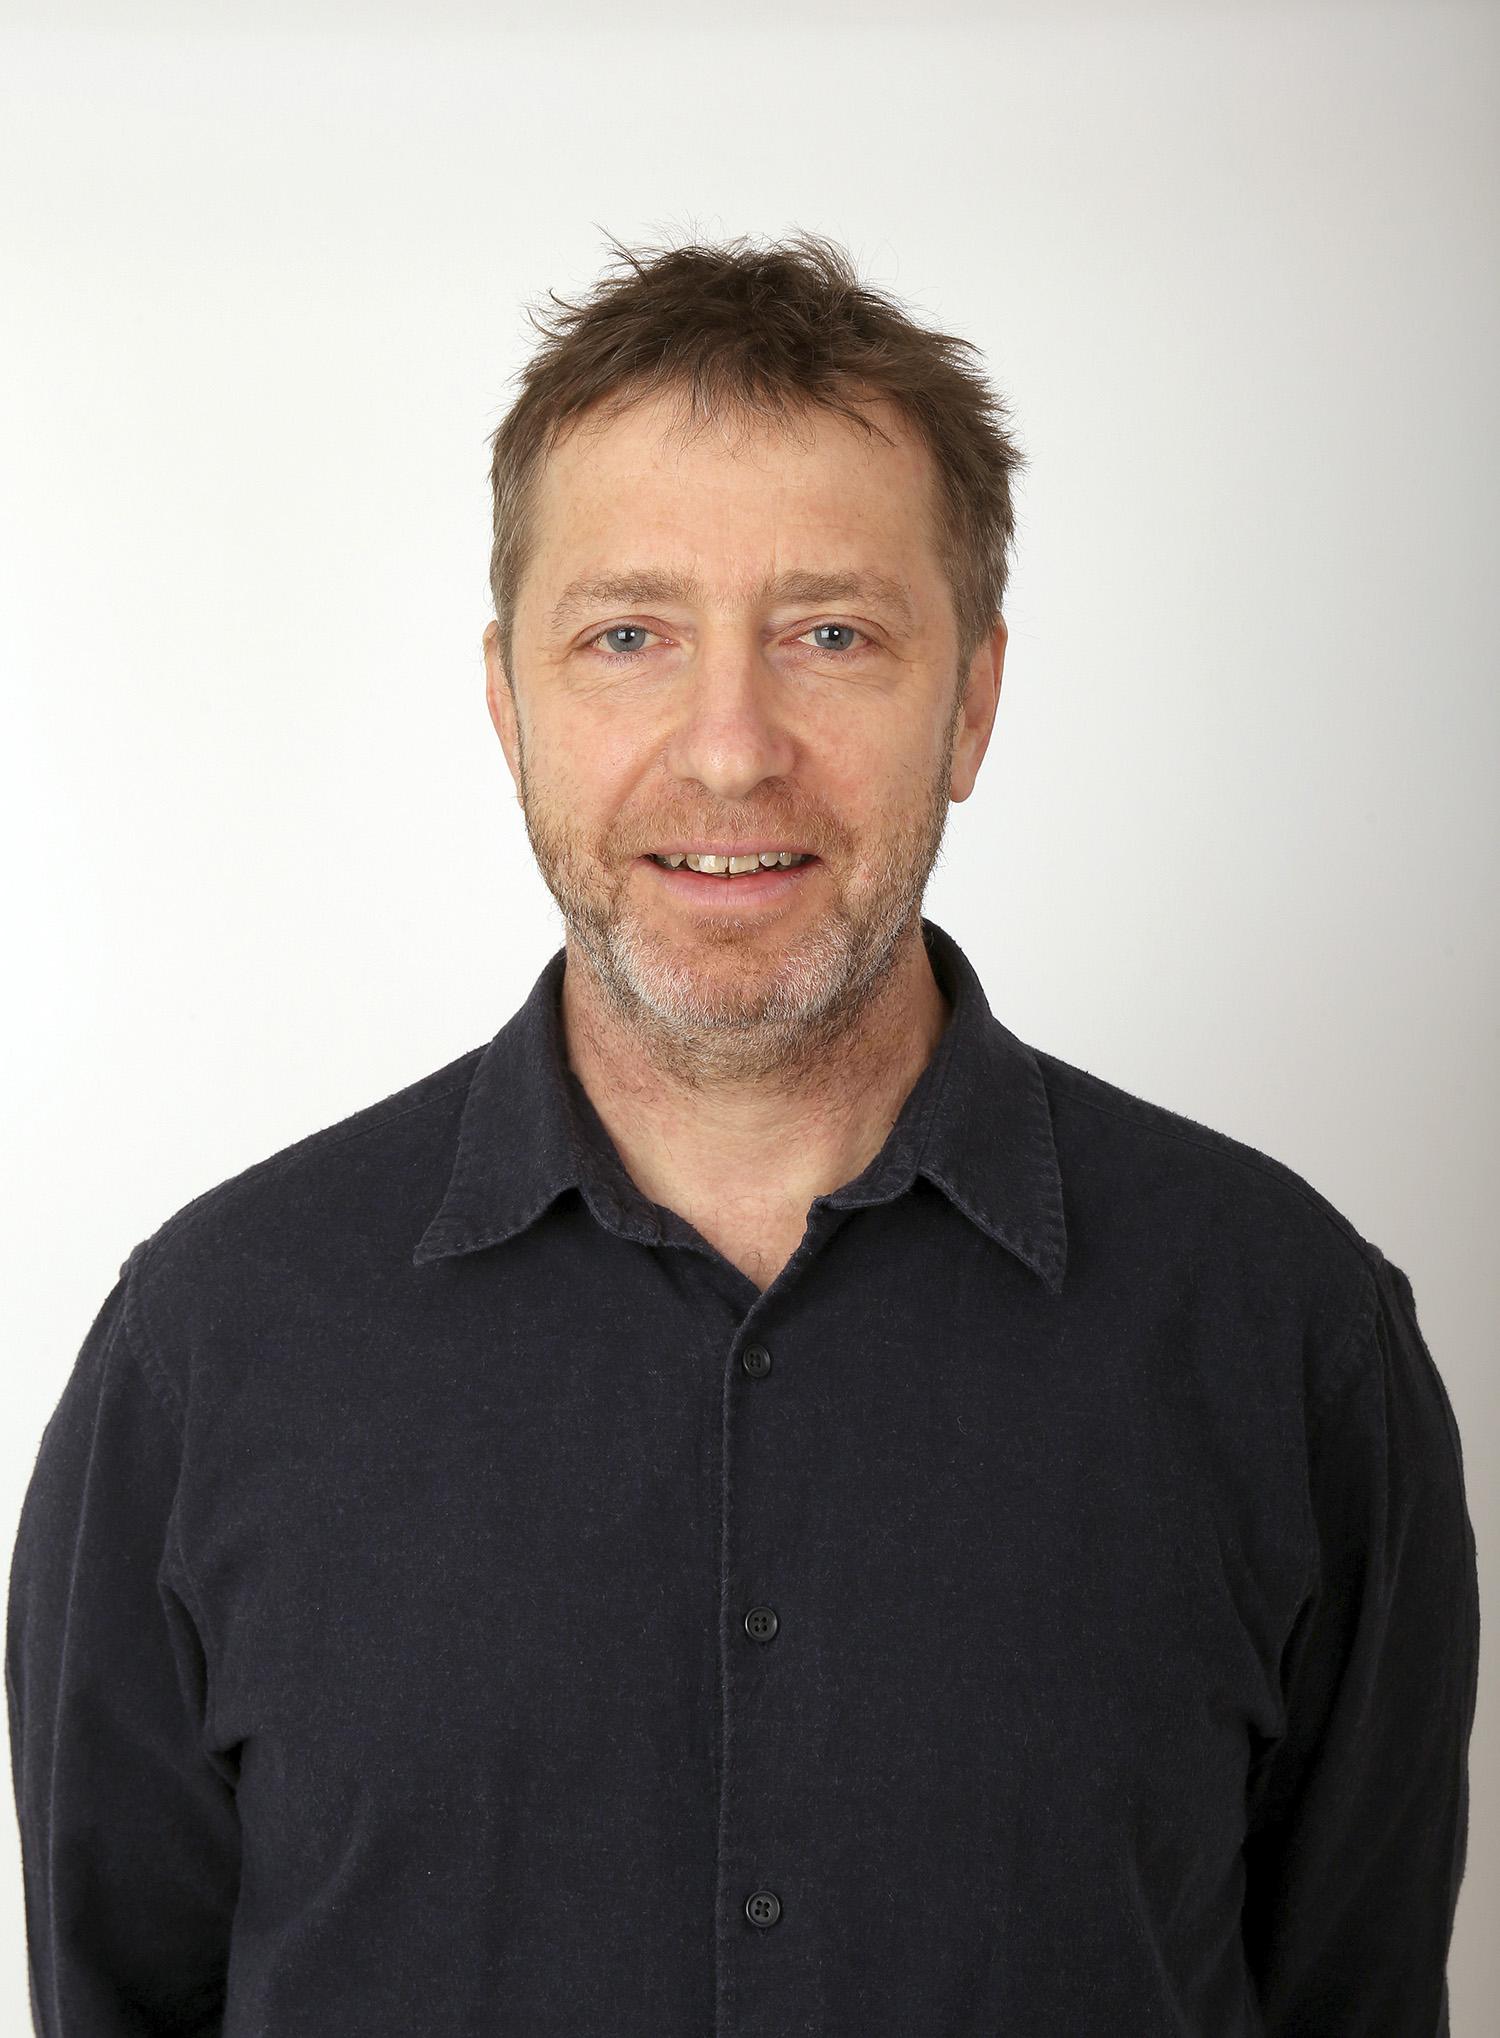 Author Jeremy Narby